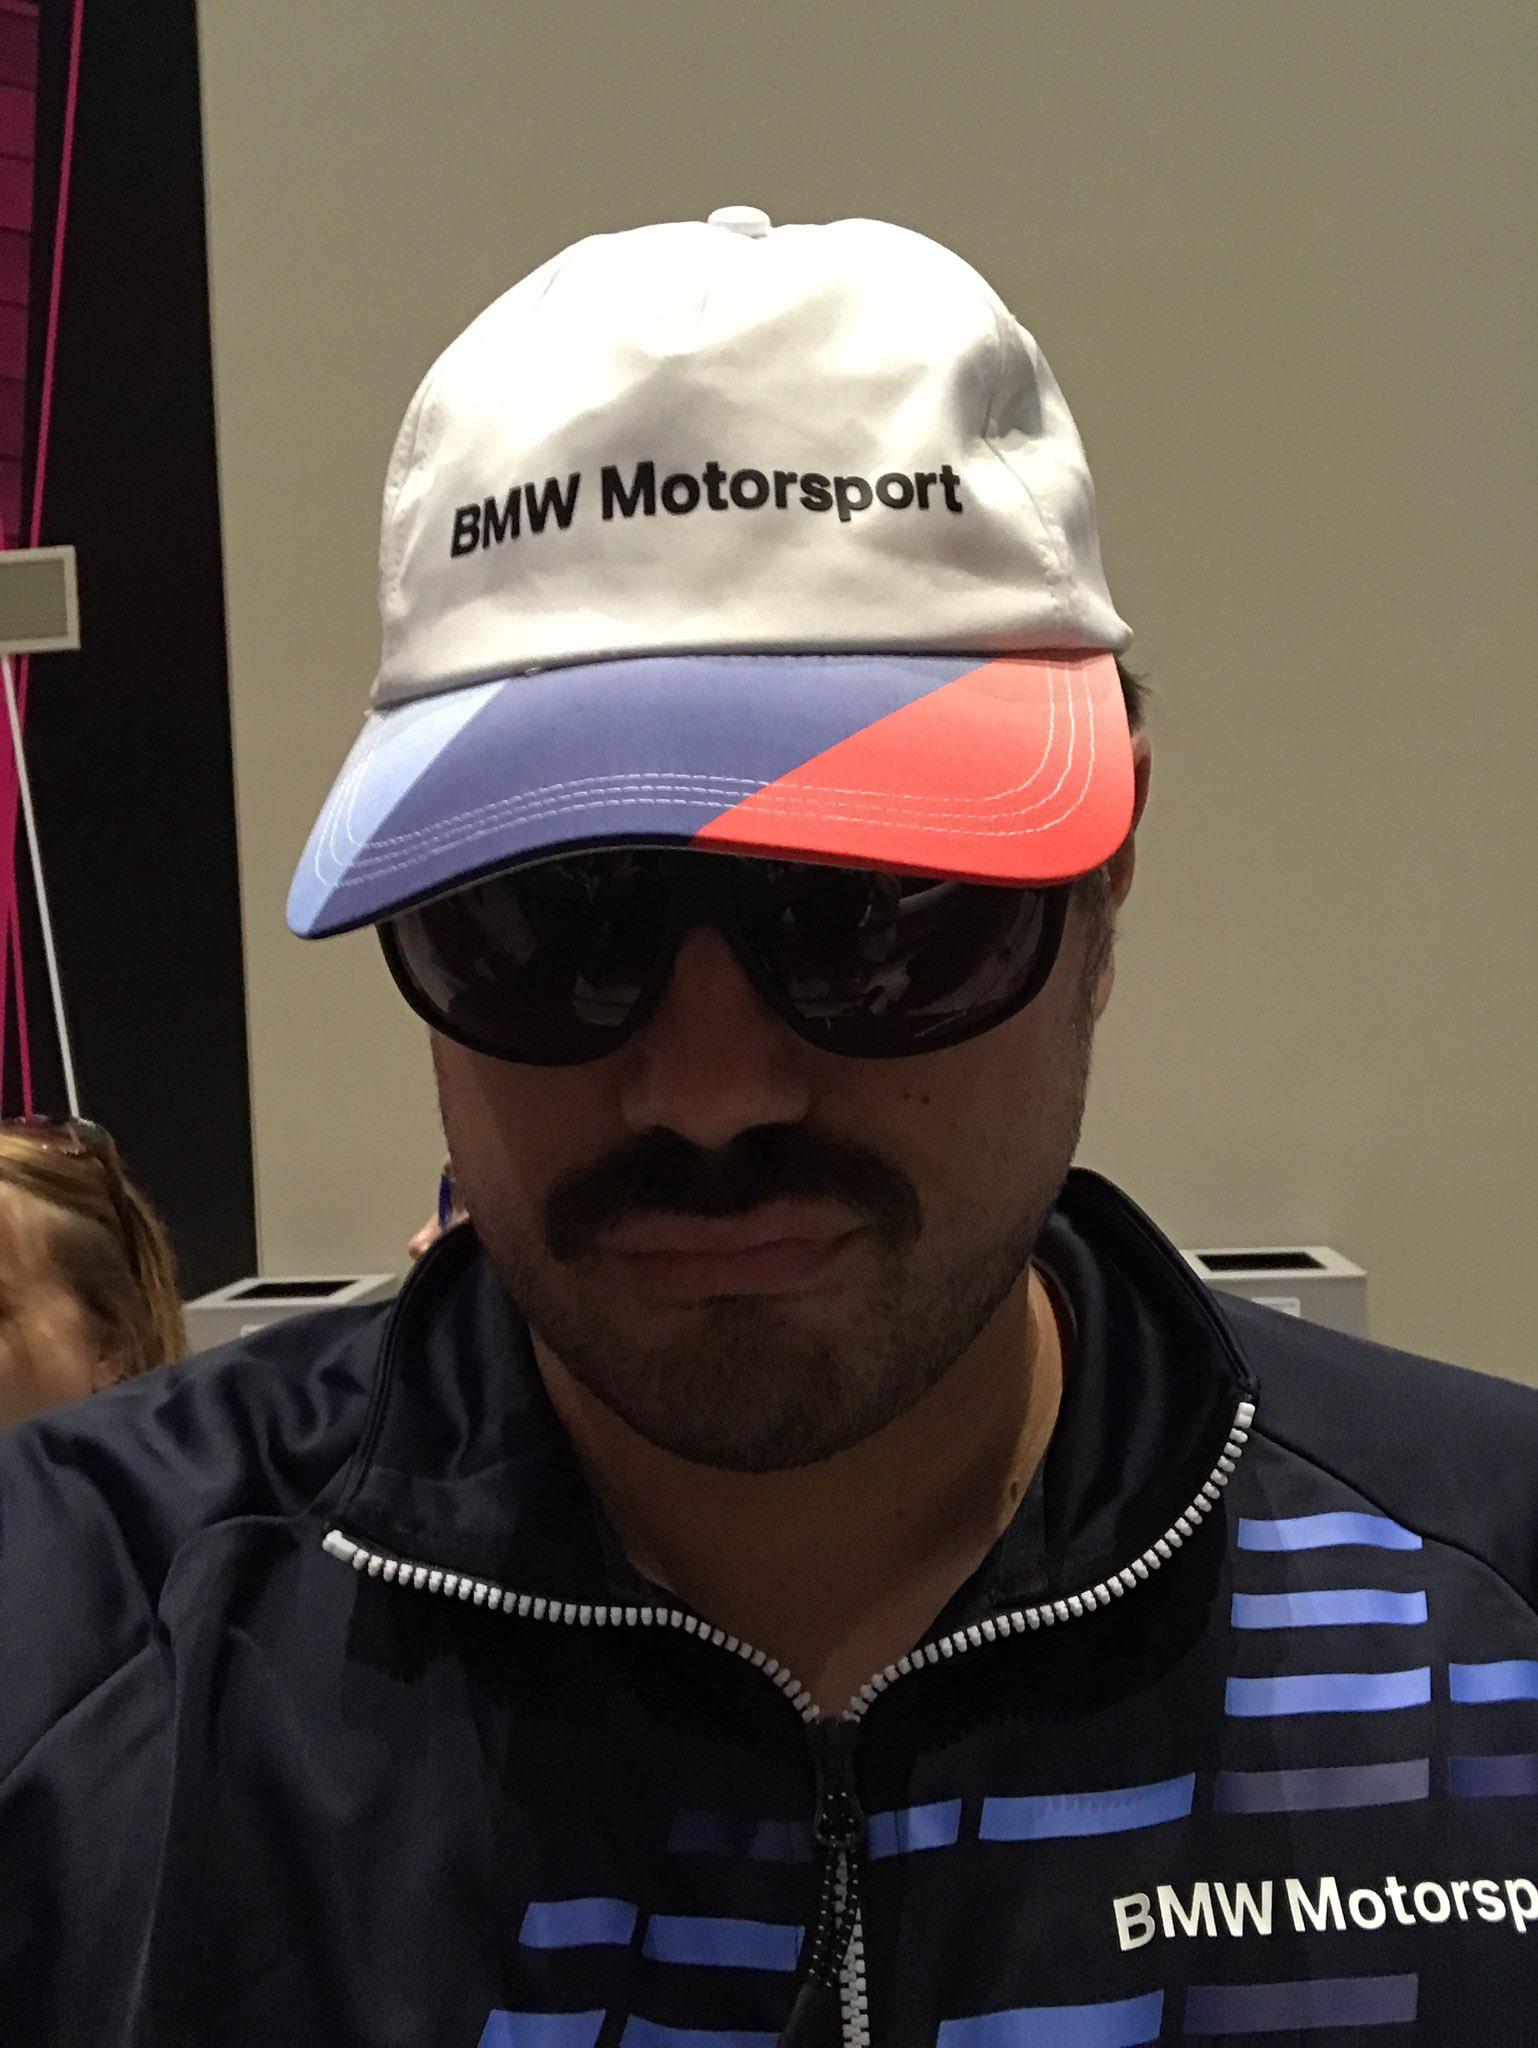 sunglasses zippilli occhiali ride accessories en moto bmw